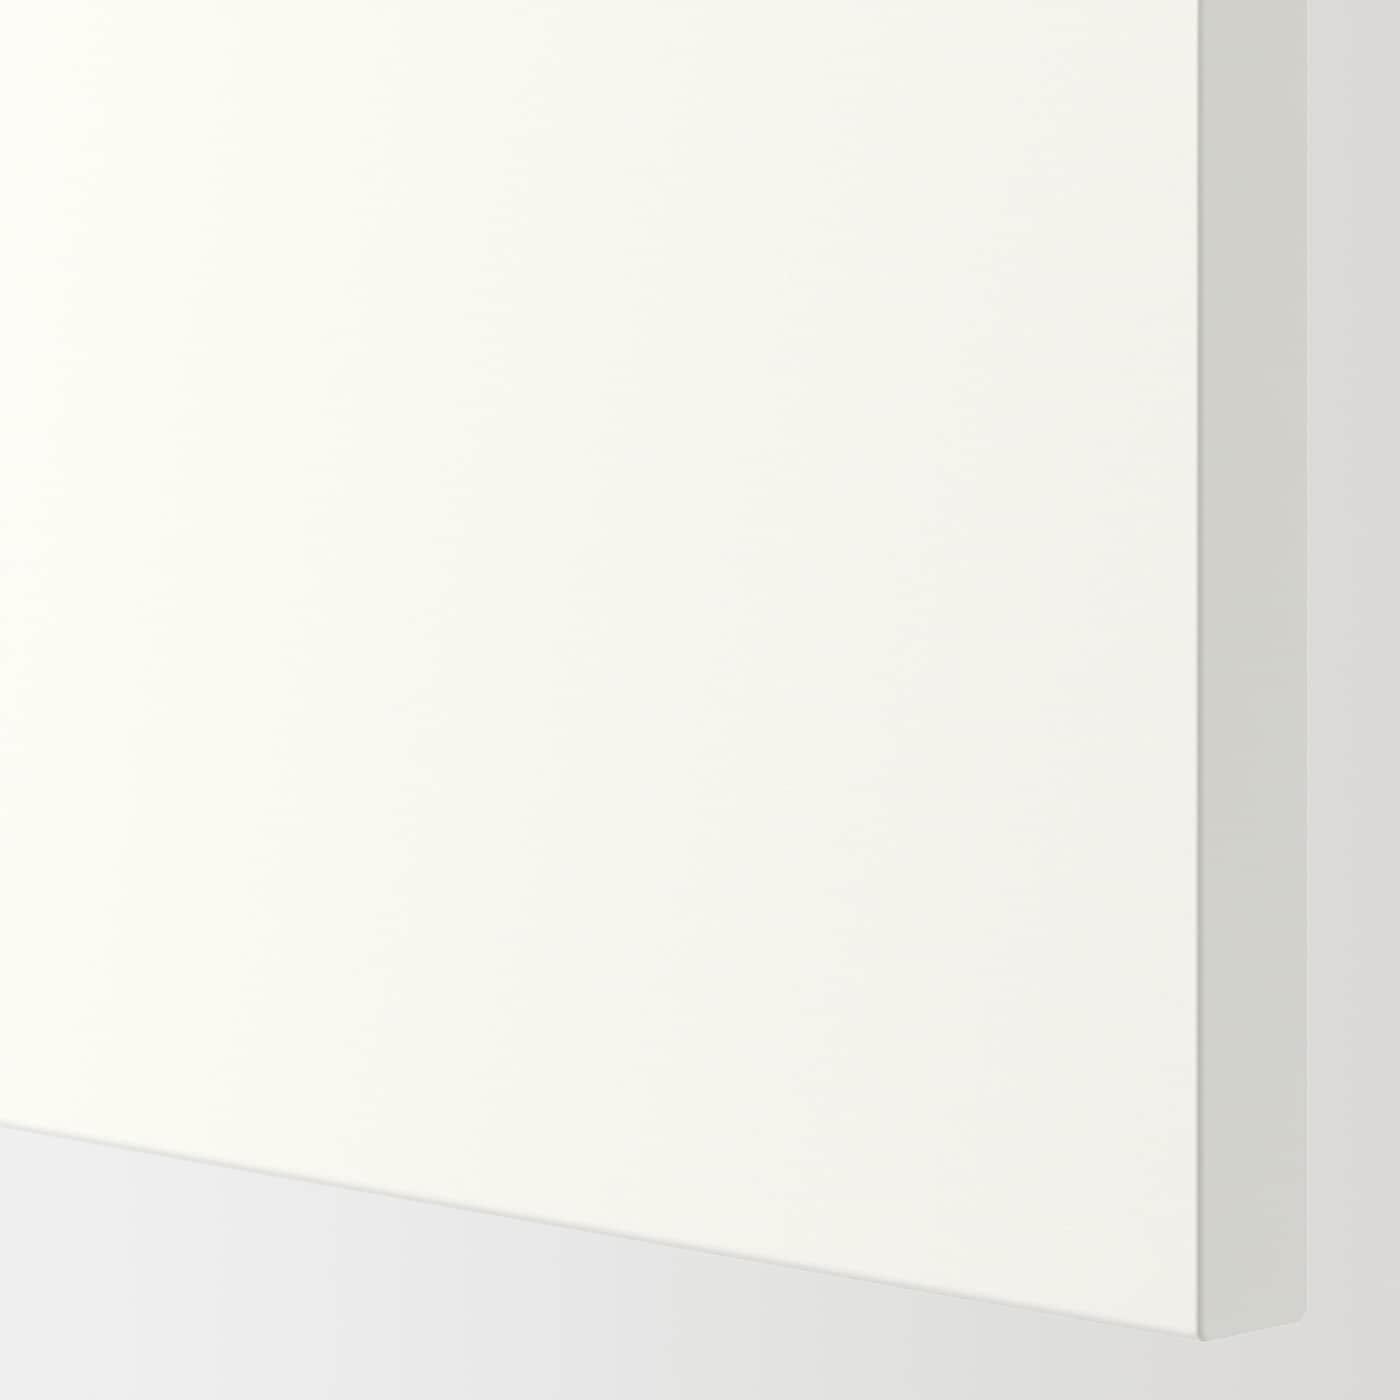 ENHET Nástěnna skř. se 2 pol./dvířky, šedá/bílá, 60x17x75 cm